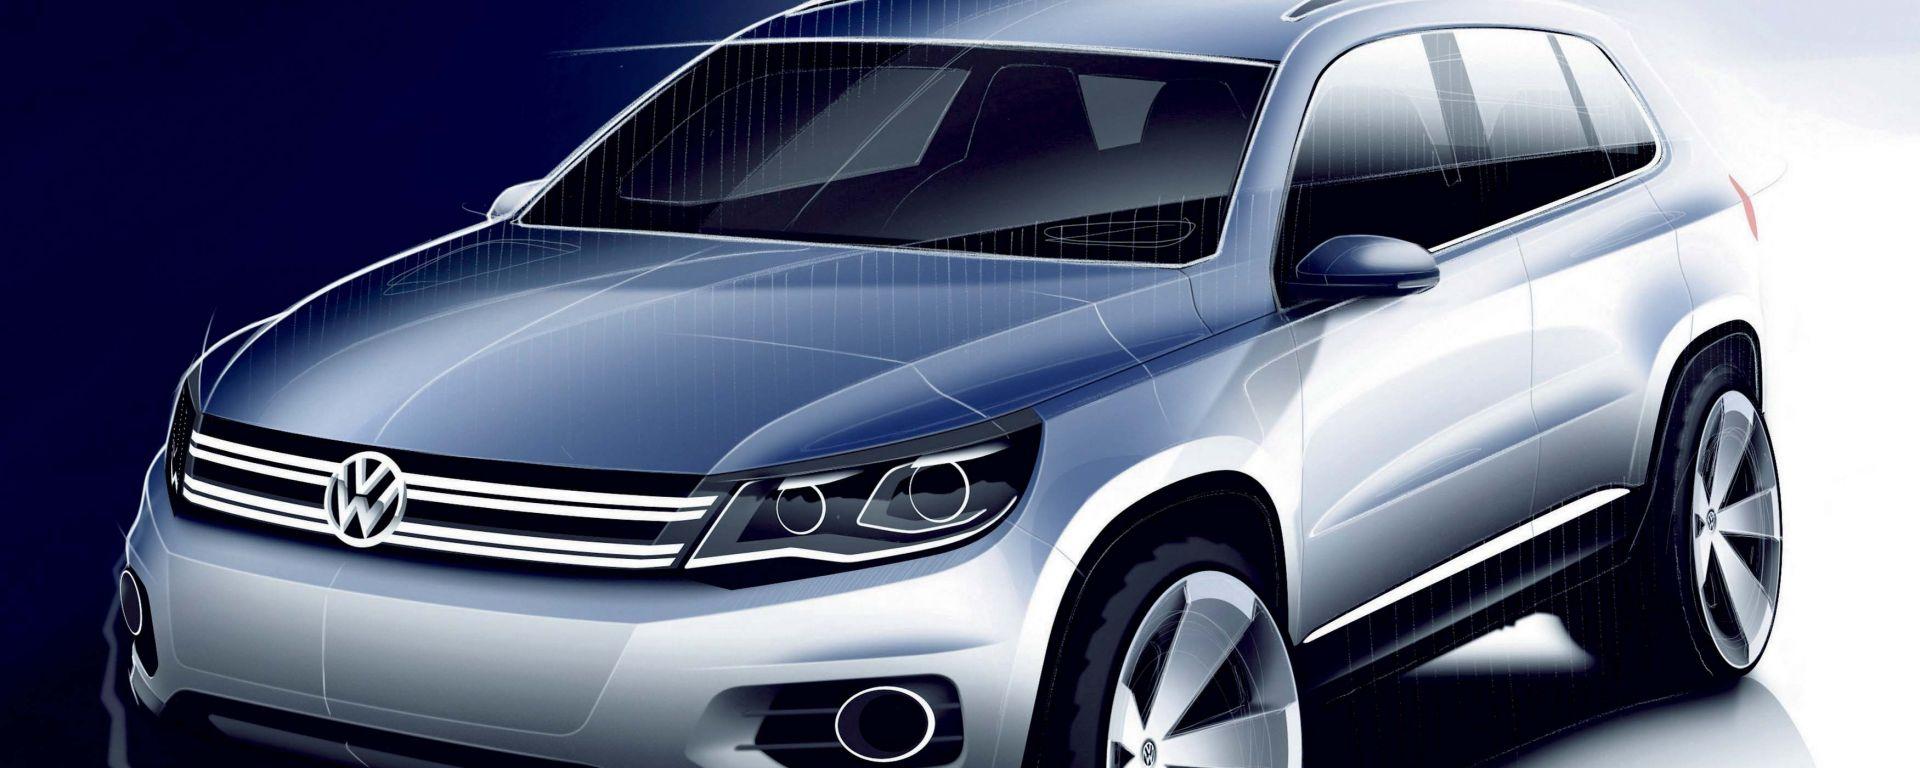 VW - Tutte le novità del model year 2013